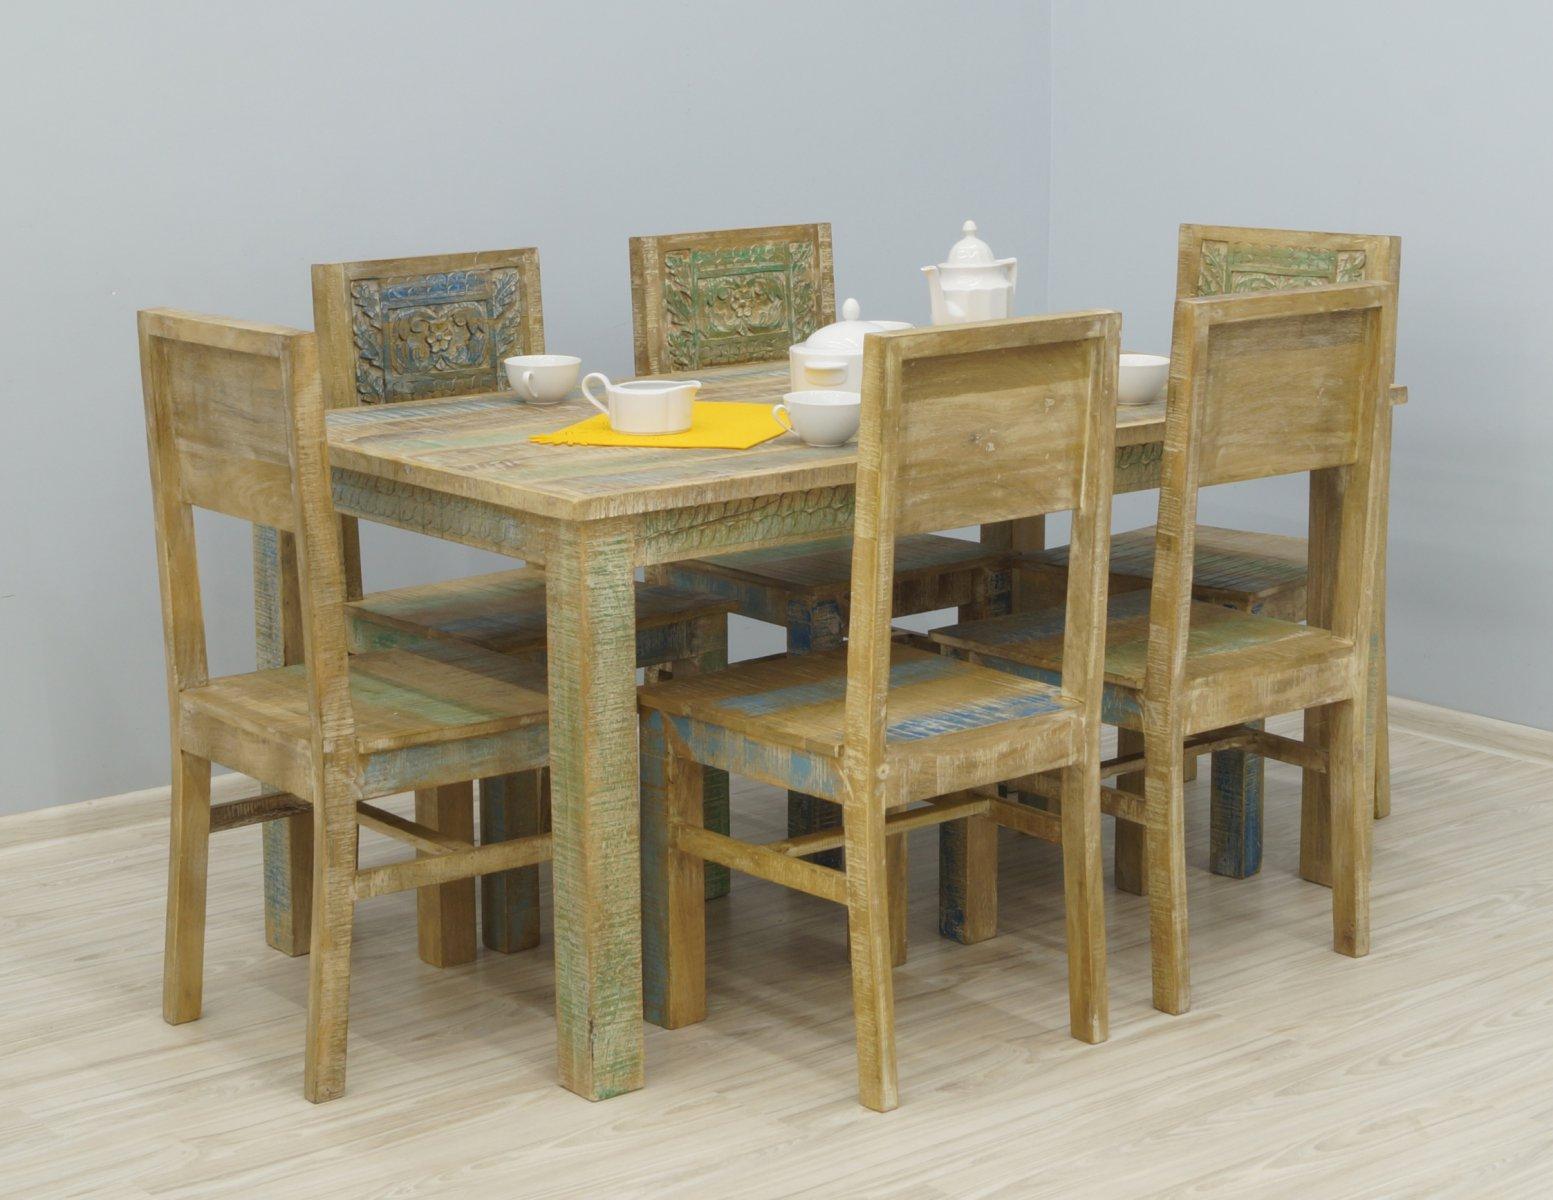 Komplet obiadowy stół + 6 krzeseł kolonialny lite drewno mango styl Shabby Chic